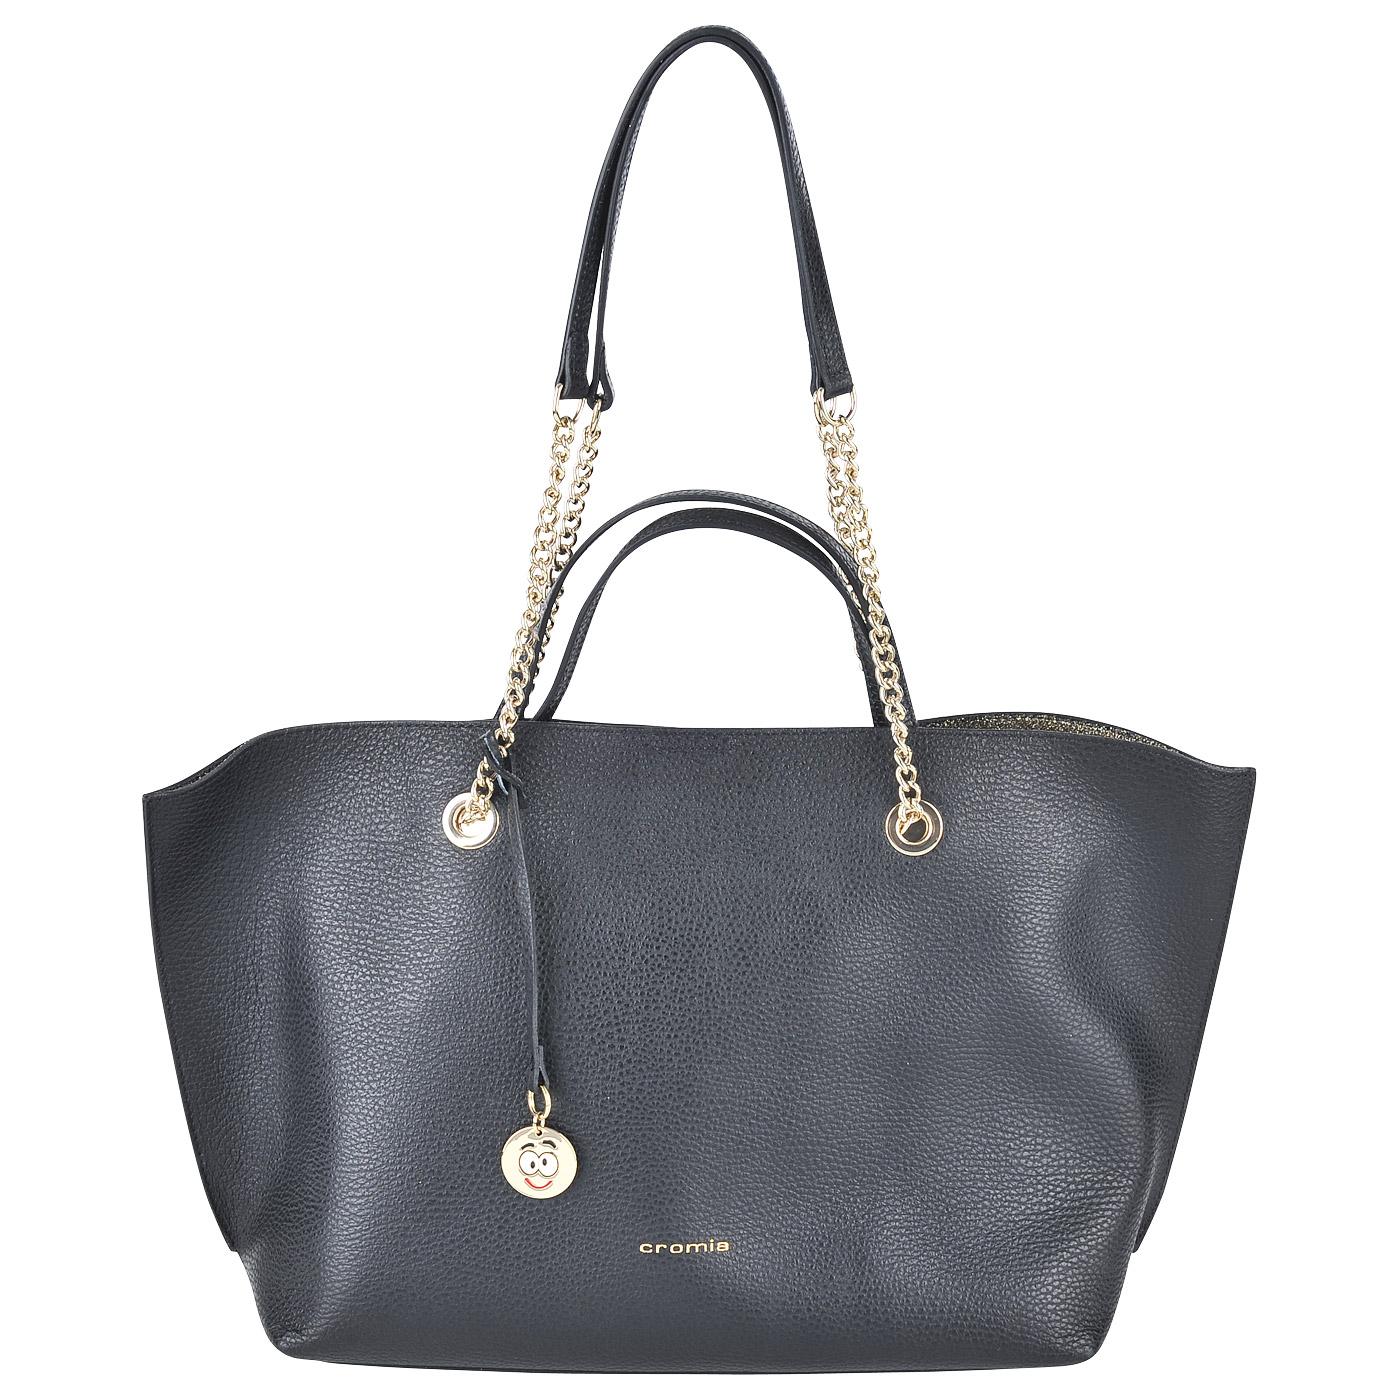 7400dbbf0773 Женская кожаная сумка Cromia Corinna Женская кожаная сумка Cromia Corinna  ...